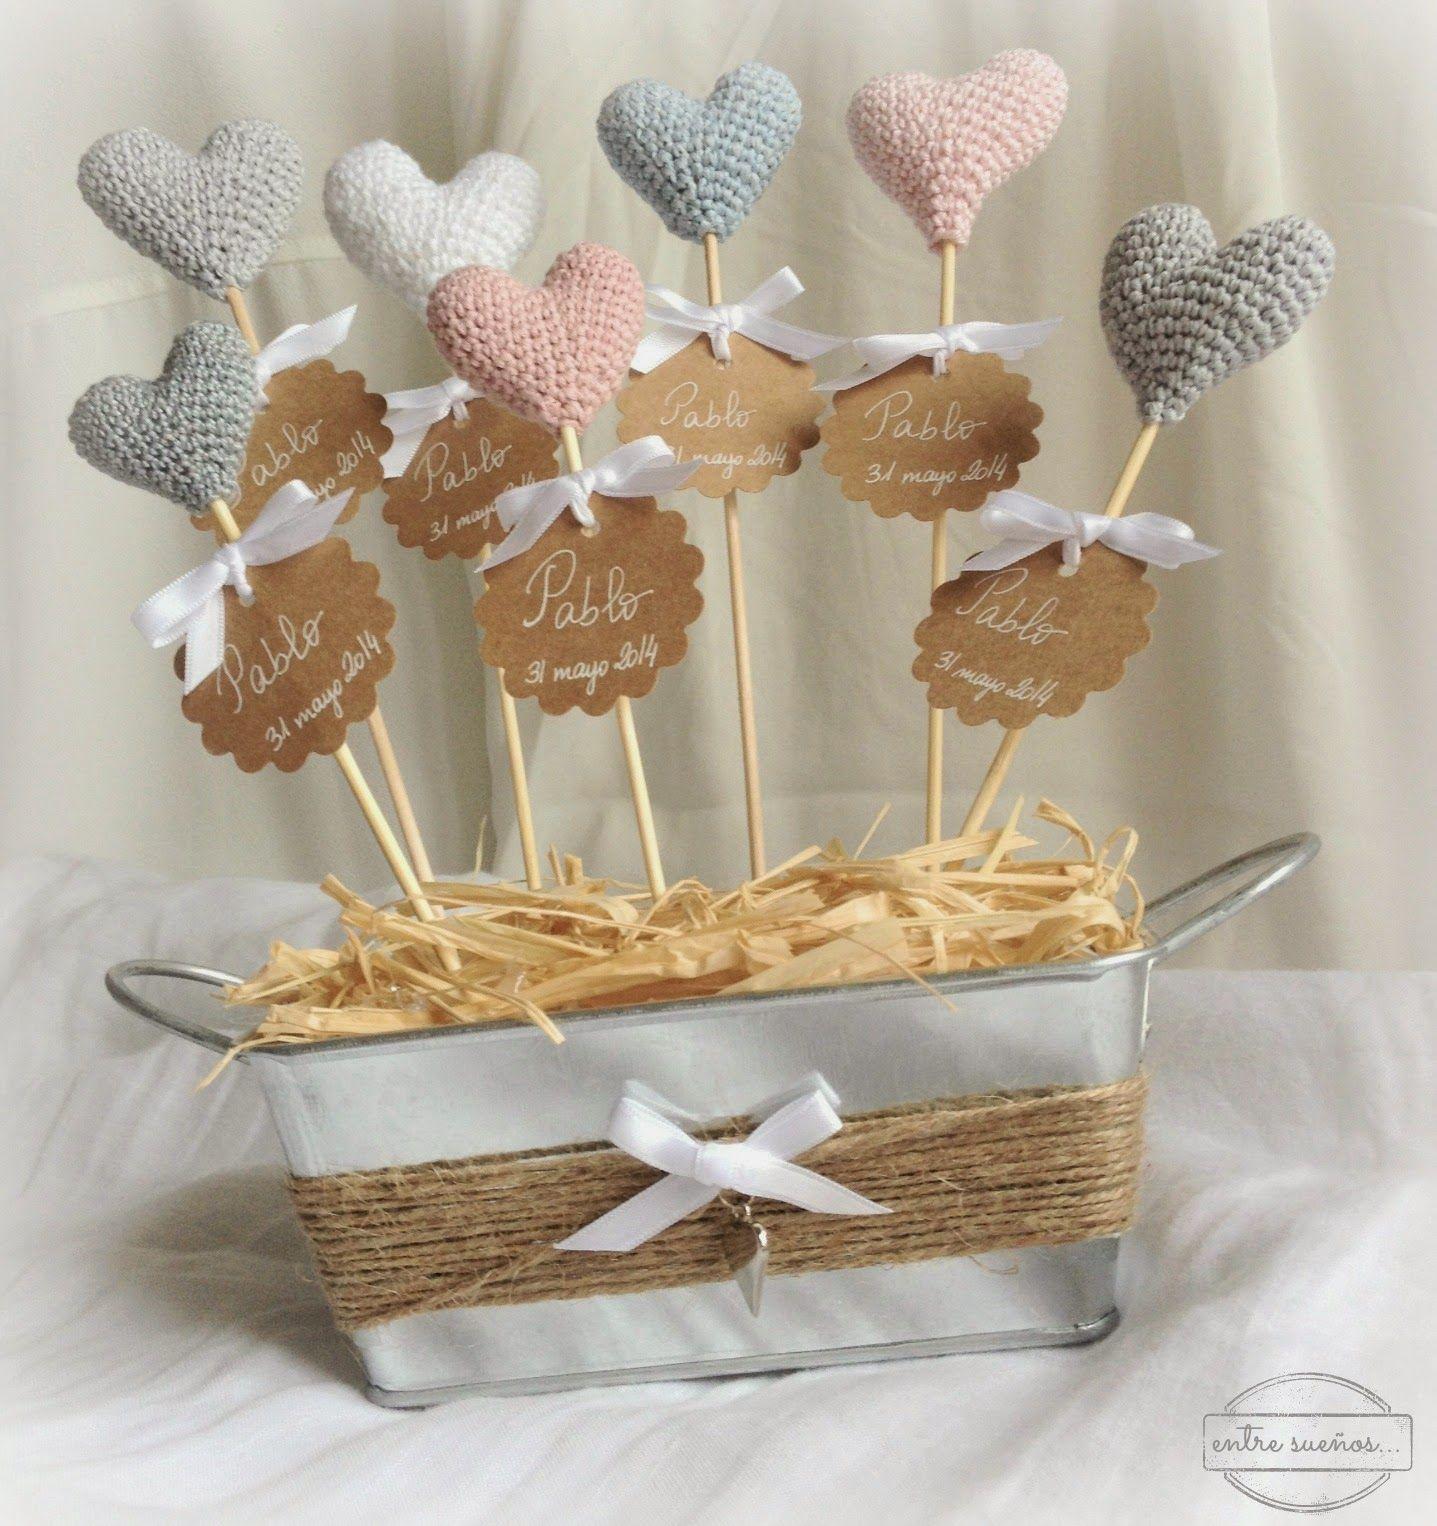 Centro de mesa de corazones de crochet souvenirs - Centros de mesa de ganchillo ...